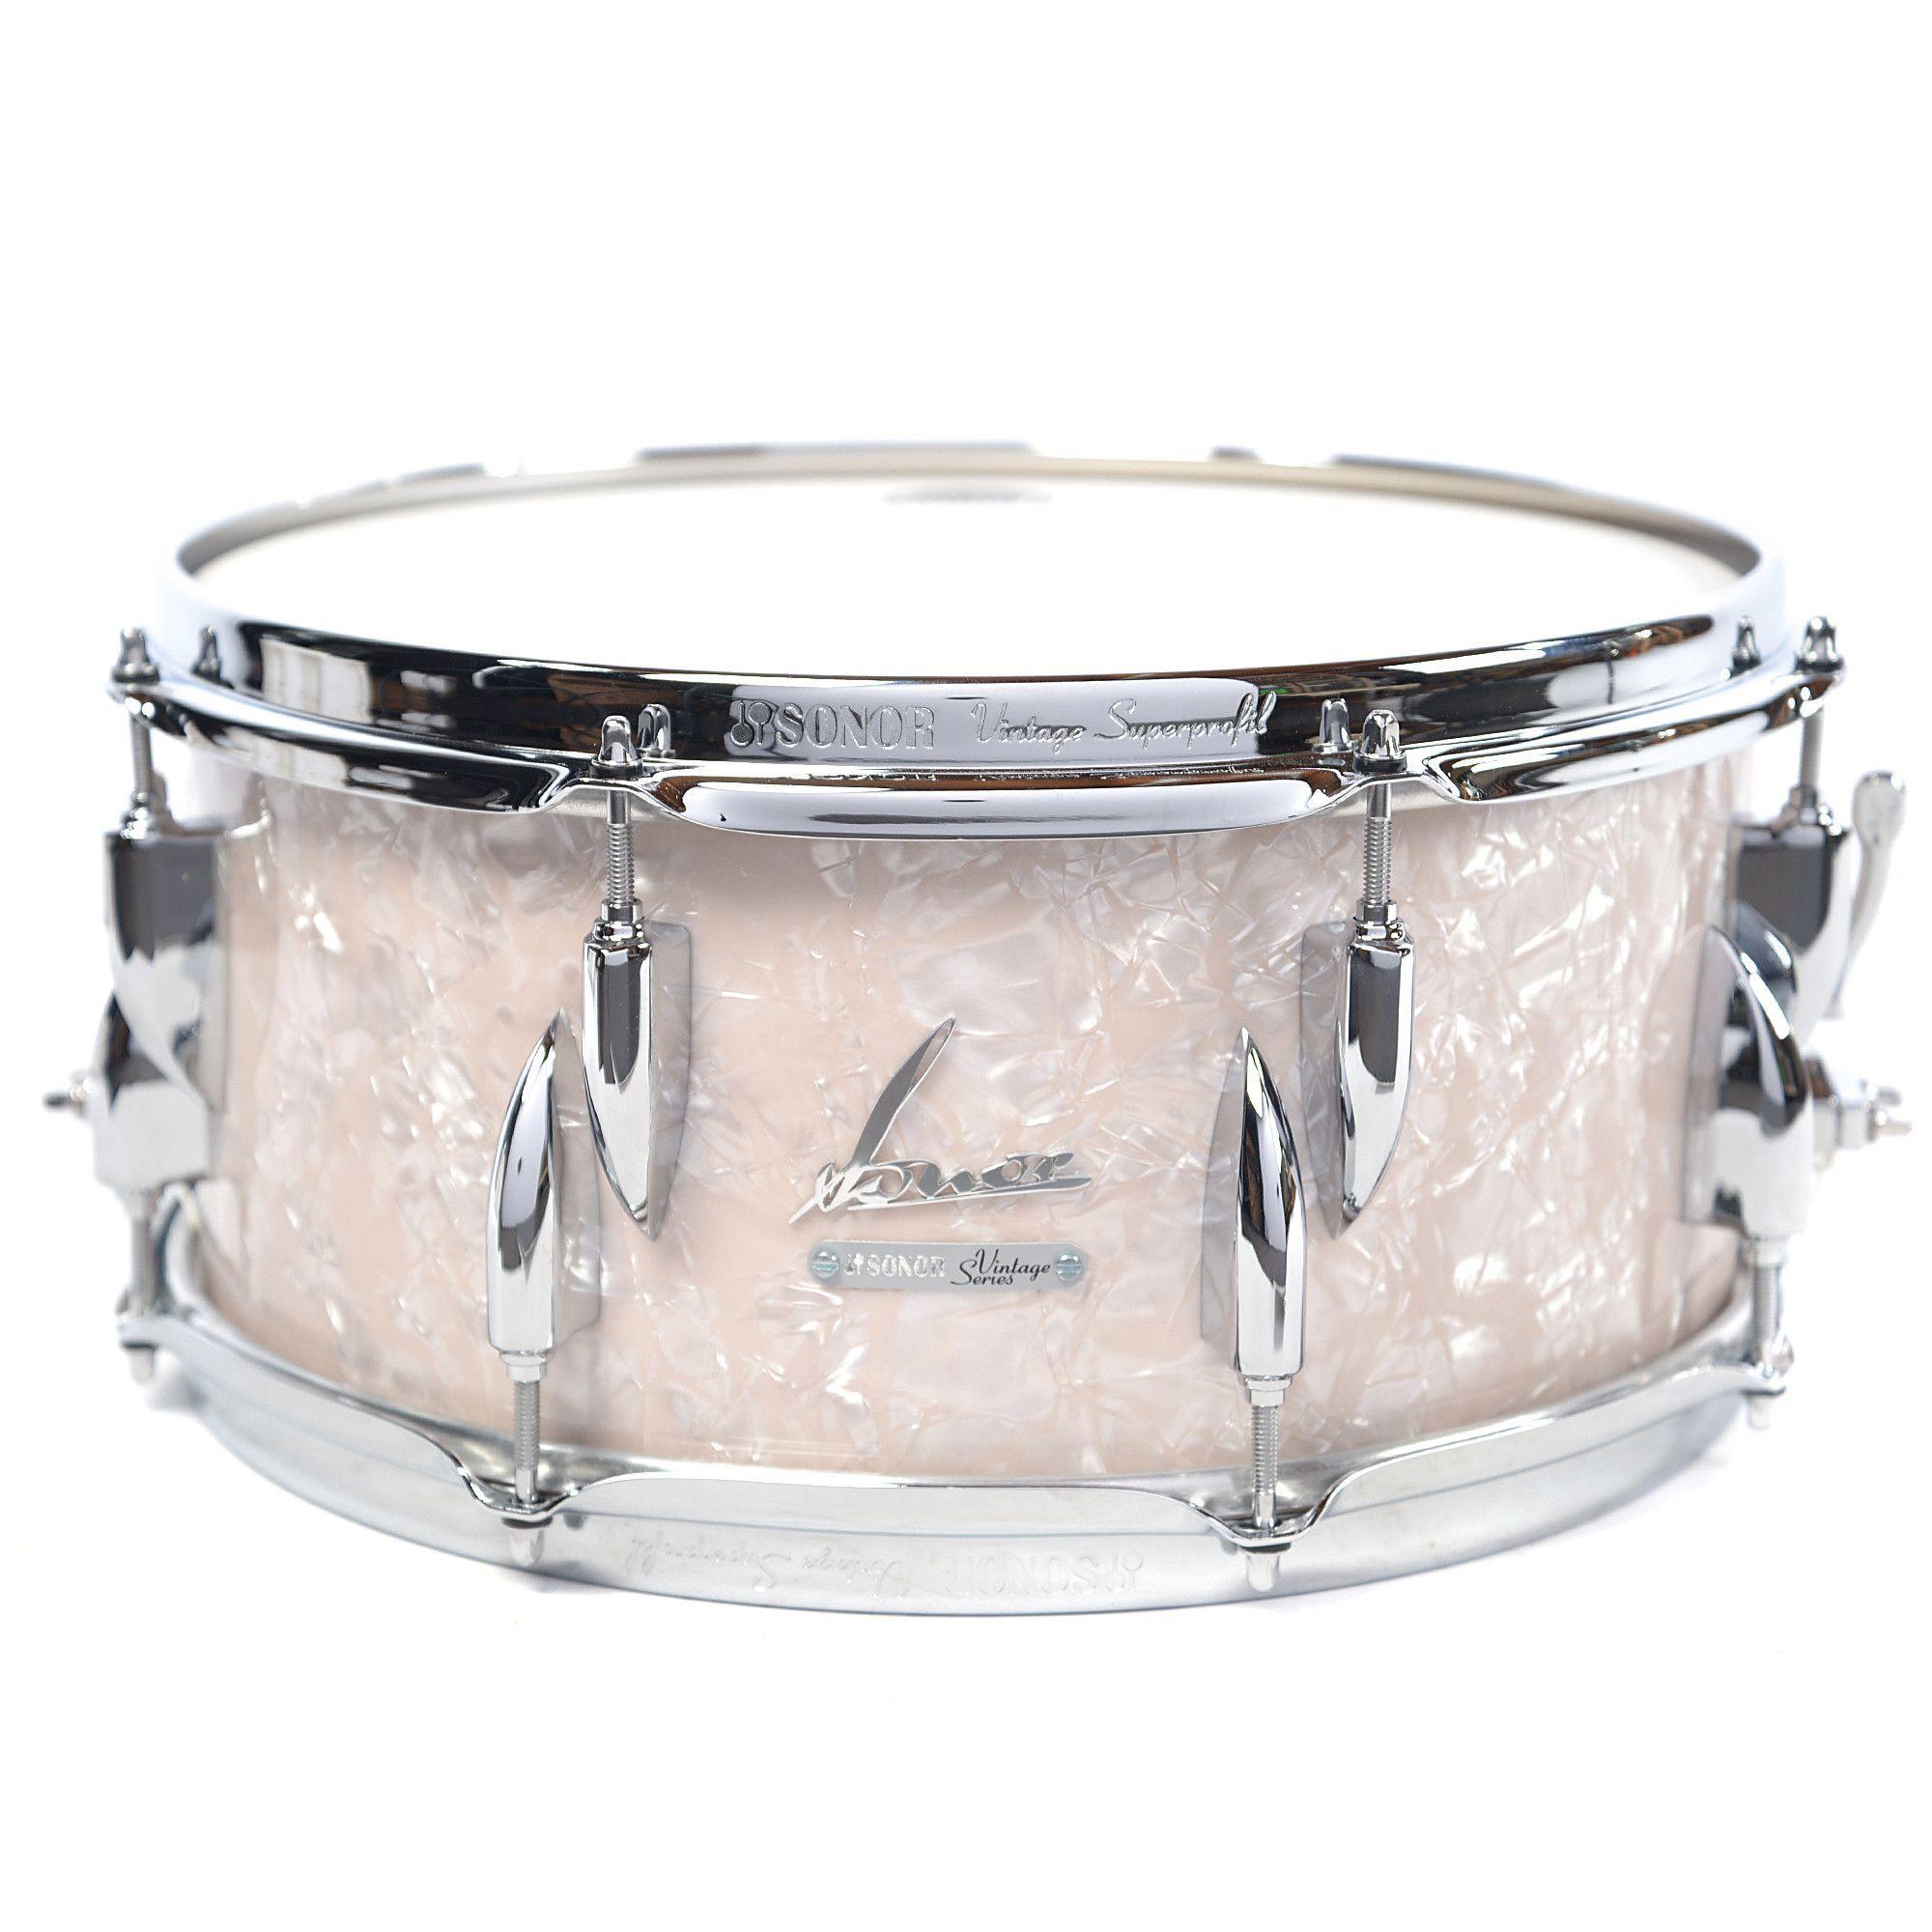 Sonor 575x14 Vintage Series Snare Drum Vintage Pearl